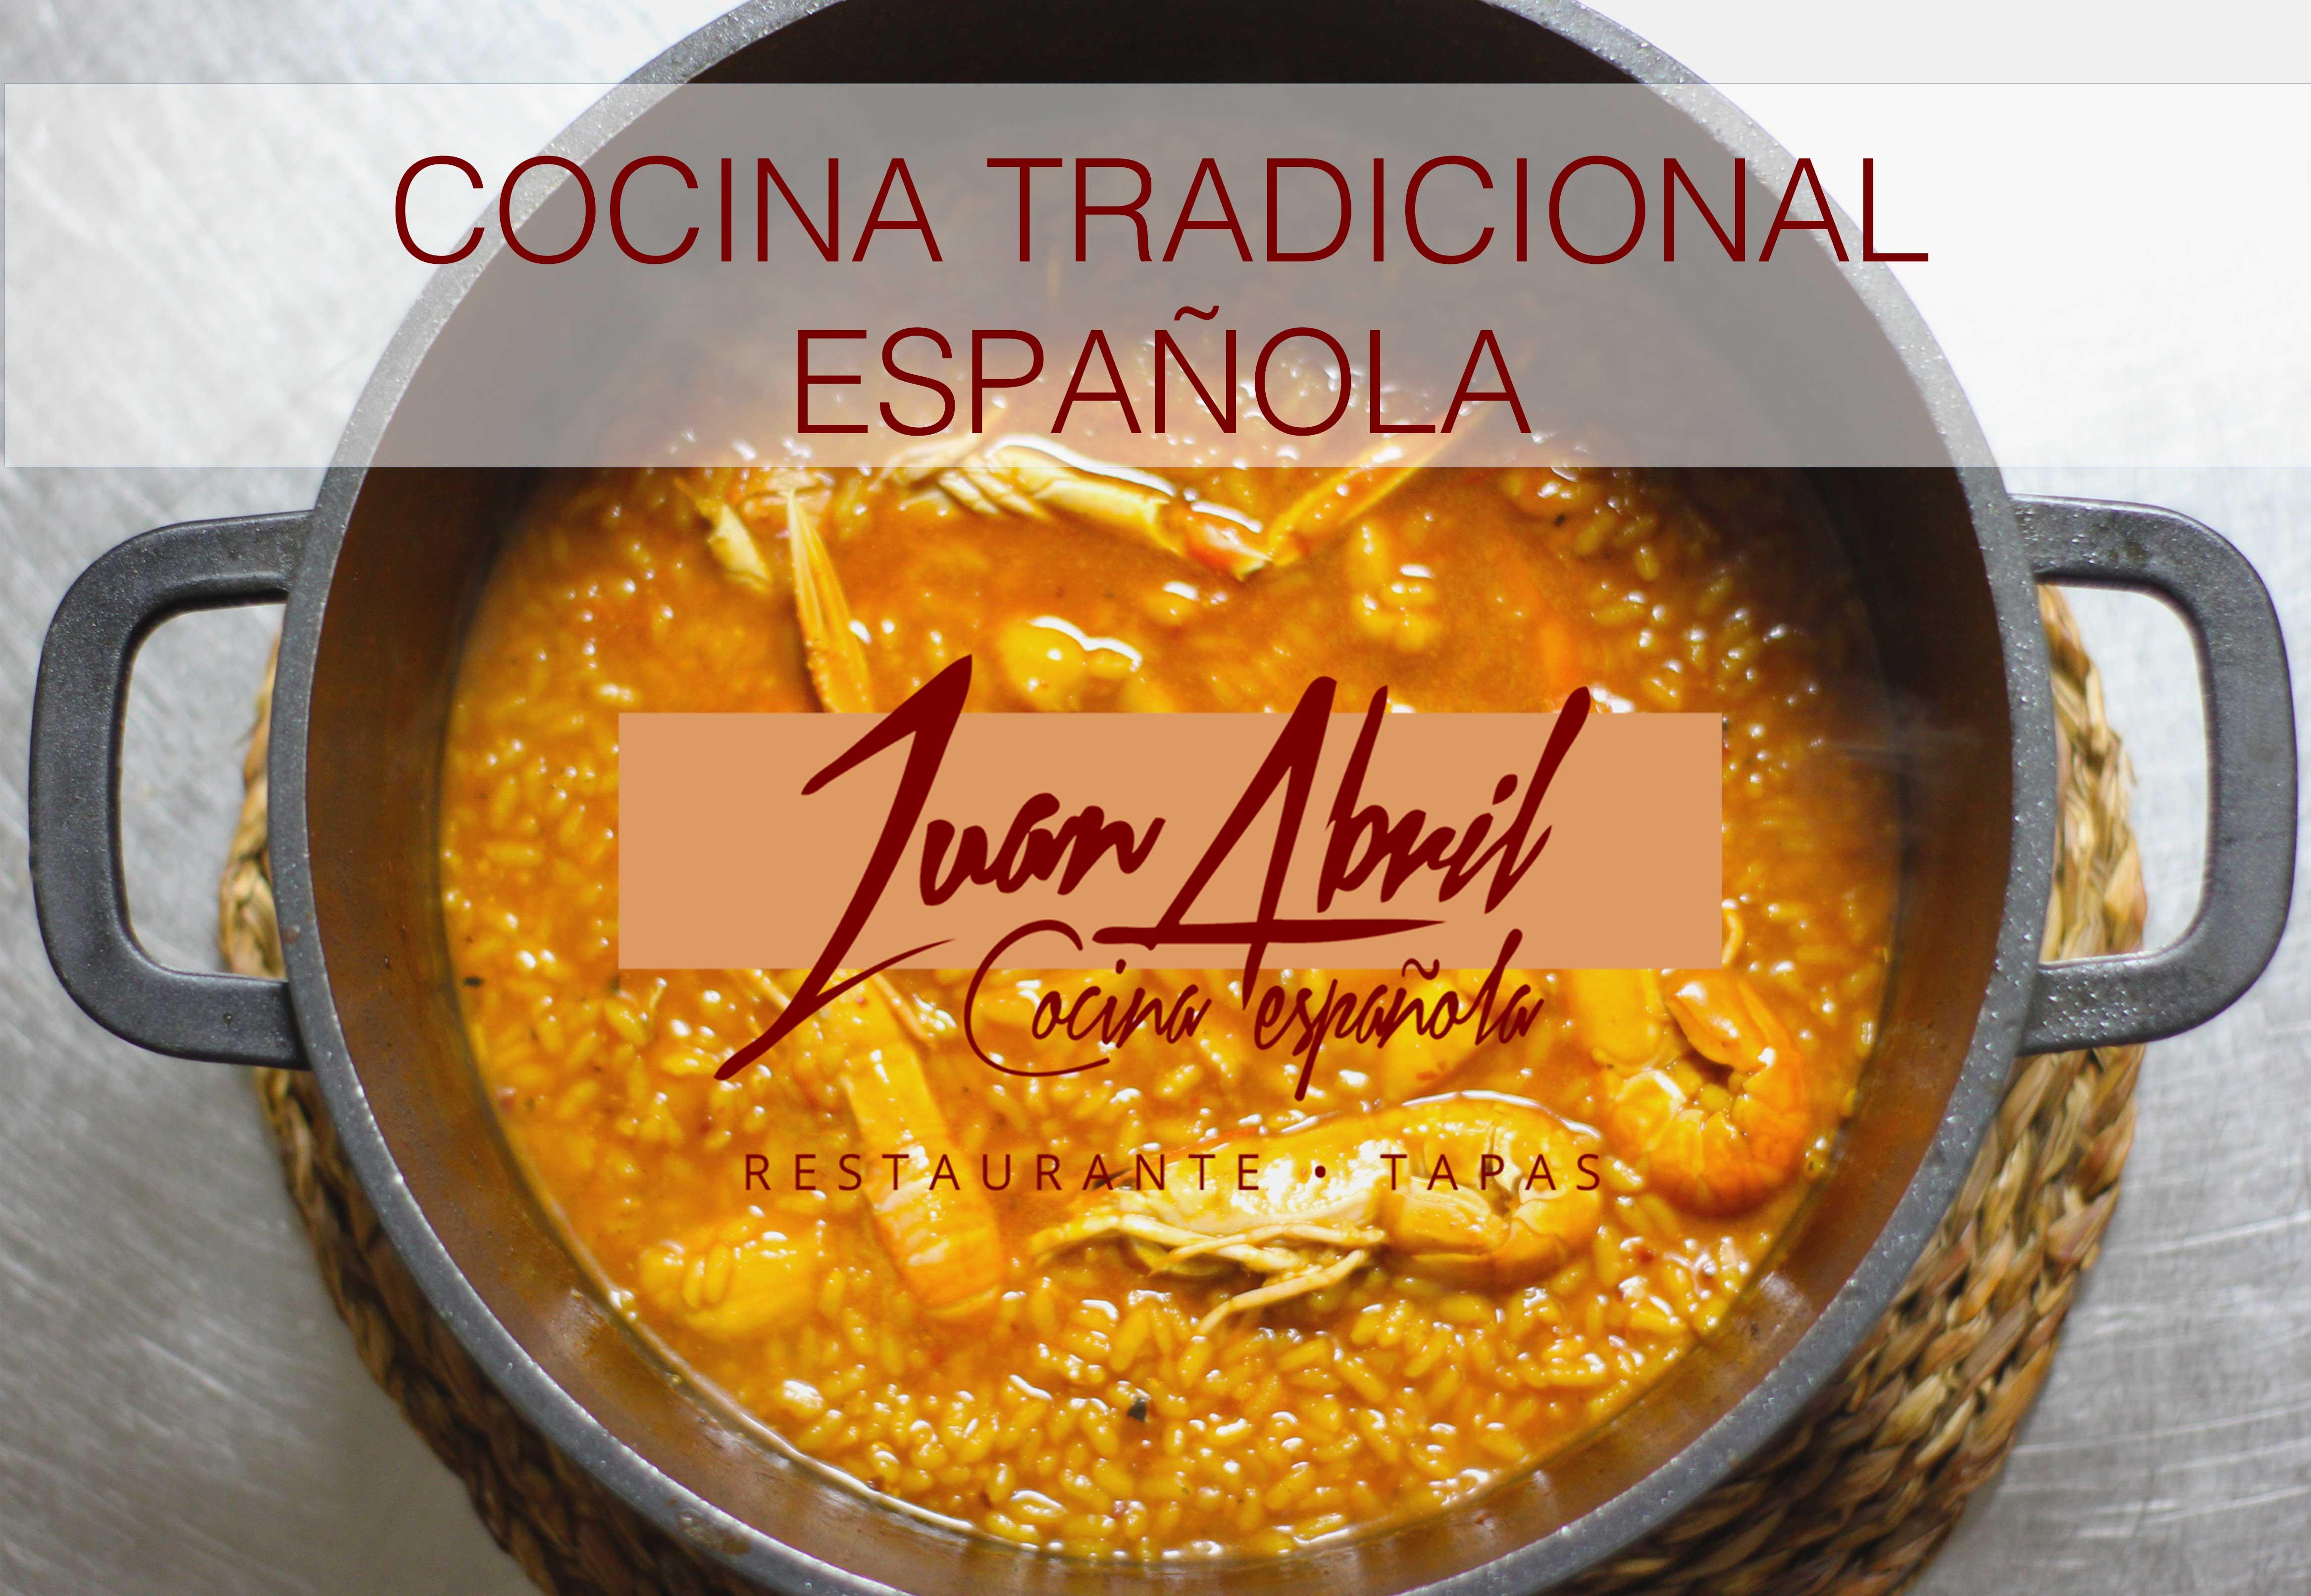 cocina tradicional con los sabores más mediterráneos